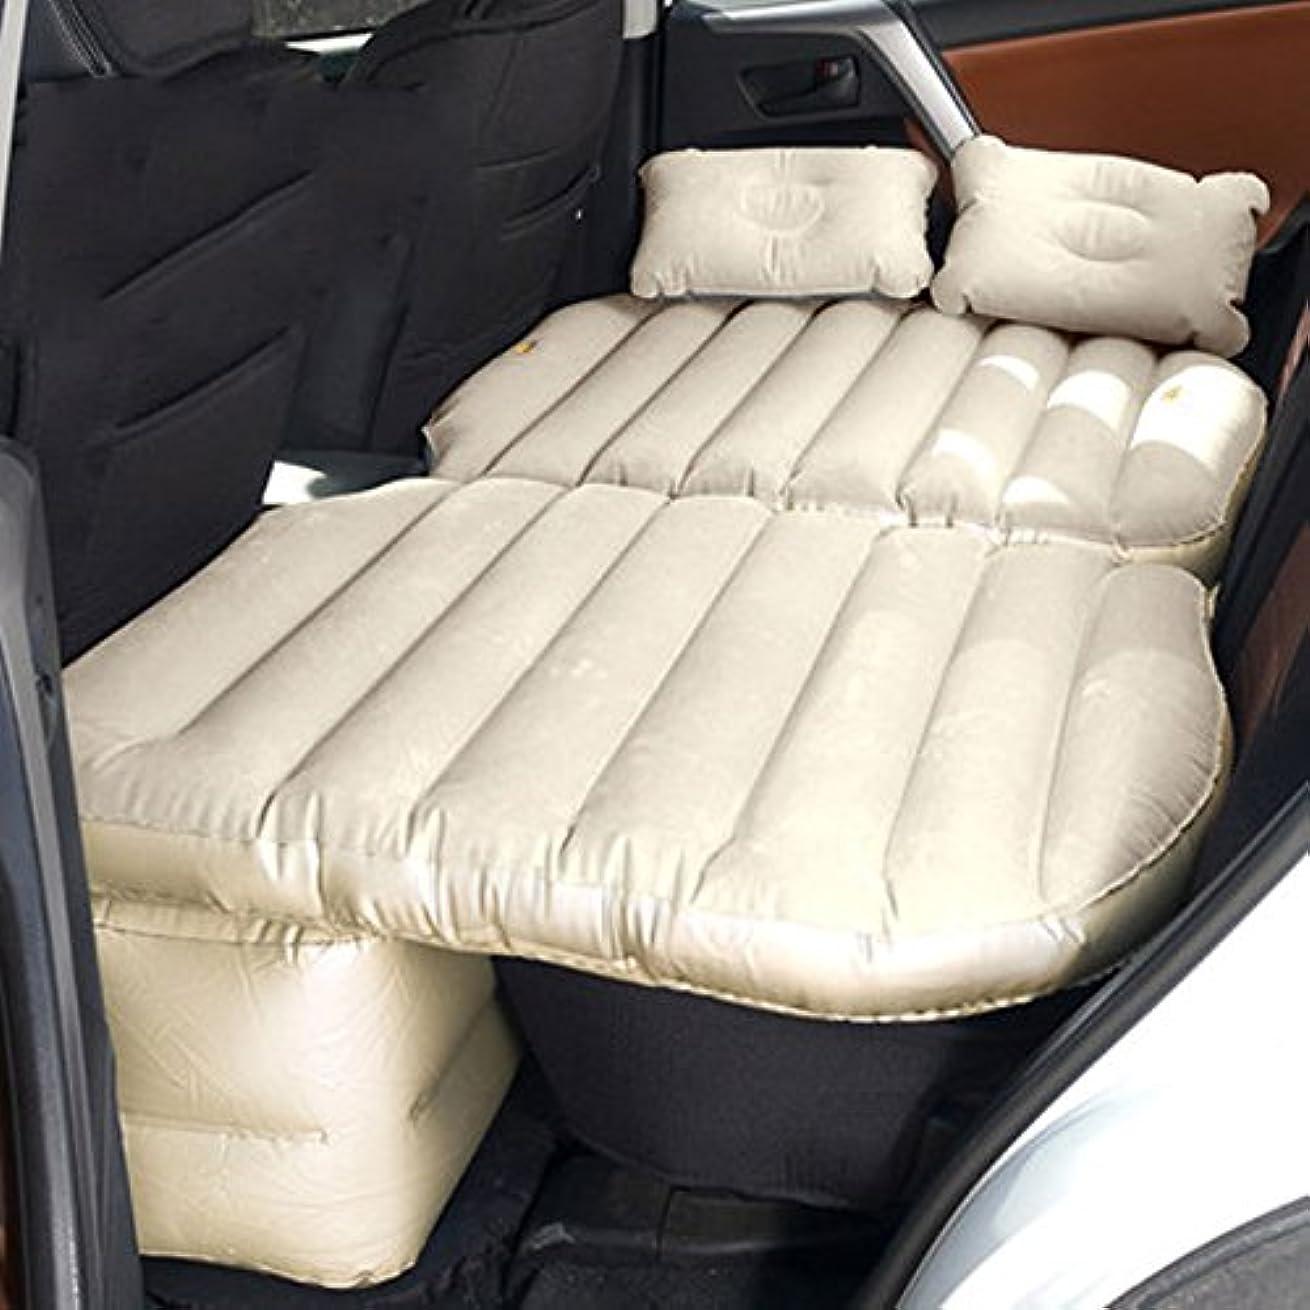 登録する軽蔑賢いエアベッドカーインフレータブルベッド車のリア子供の旅行ベッドのカーベッドの車SUVの睡眠パッド アウトドアレジャー用品 (Color : Beige)